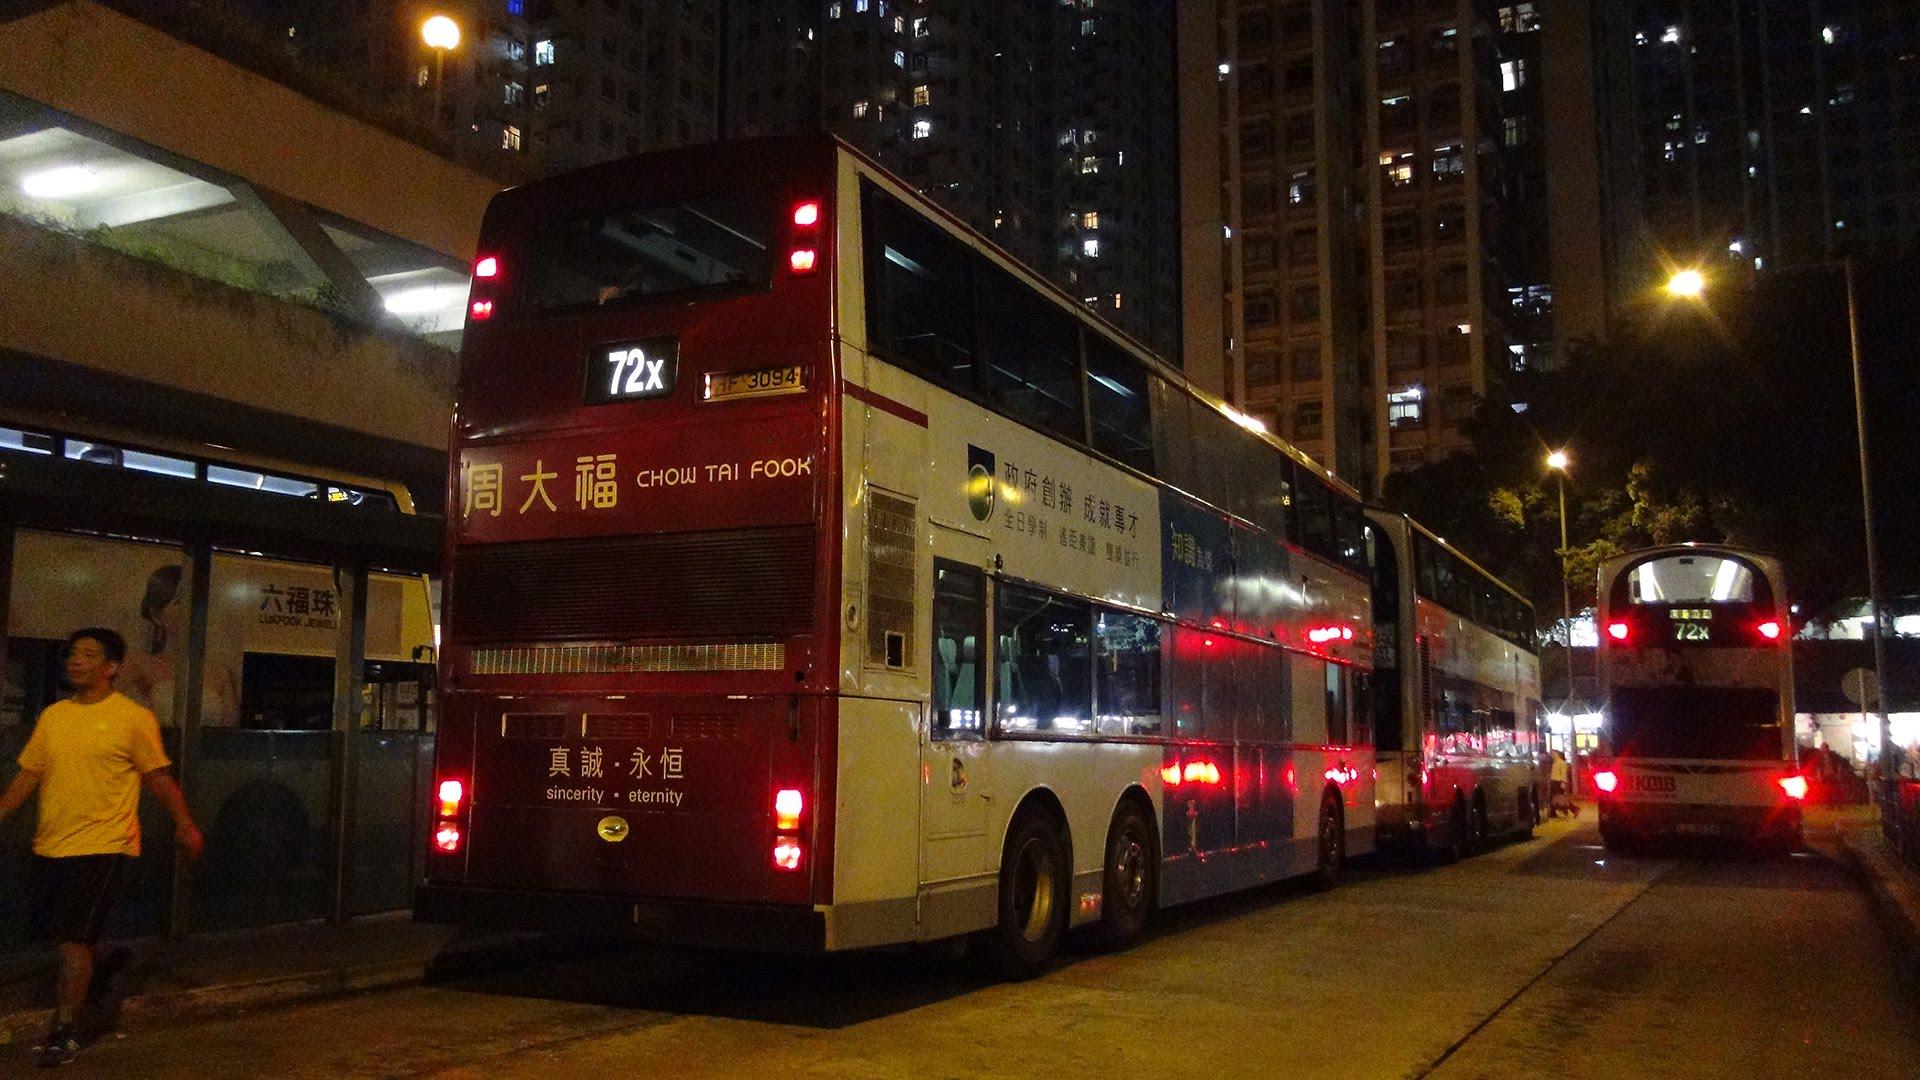 Hong Kong Bus KMB 3AV280 @ 72X 九龍巴士 Volvo Olympian 銘基書院-大埔中心